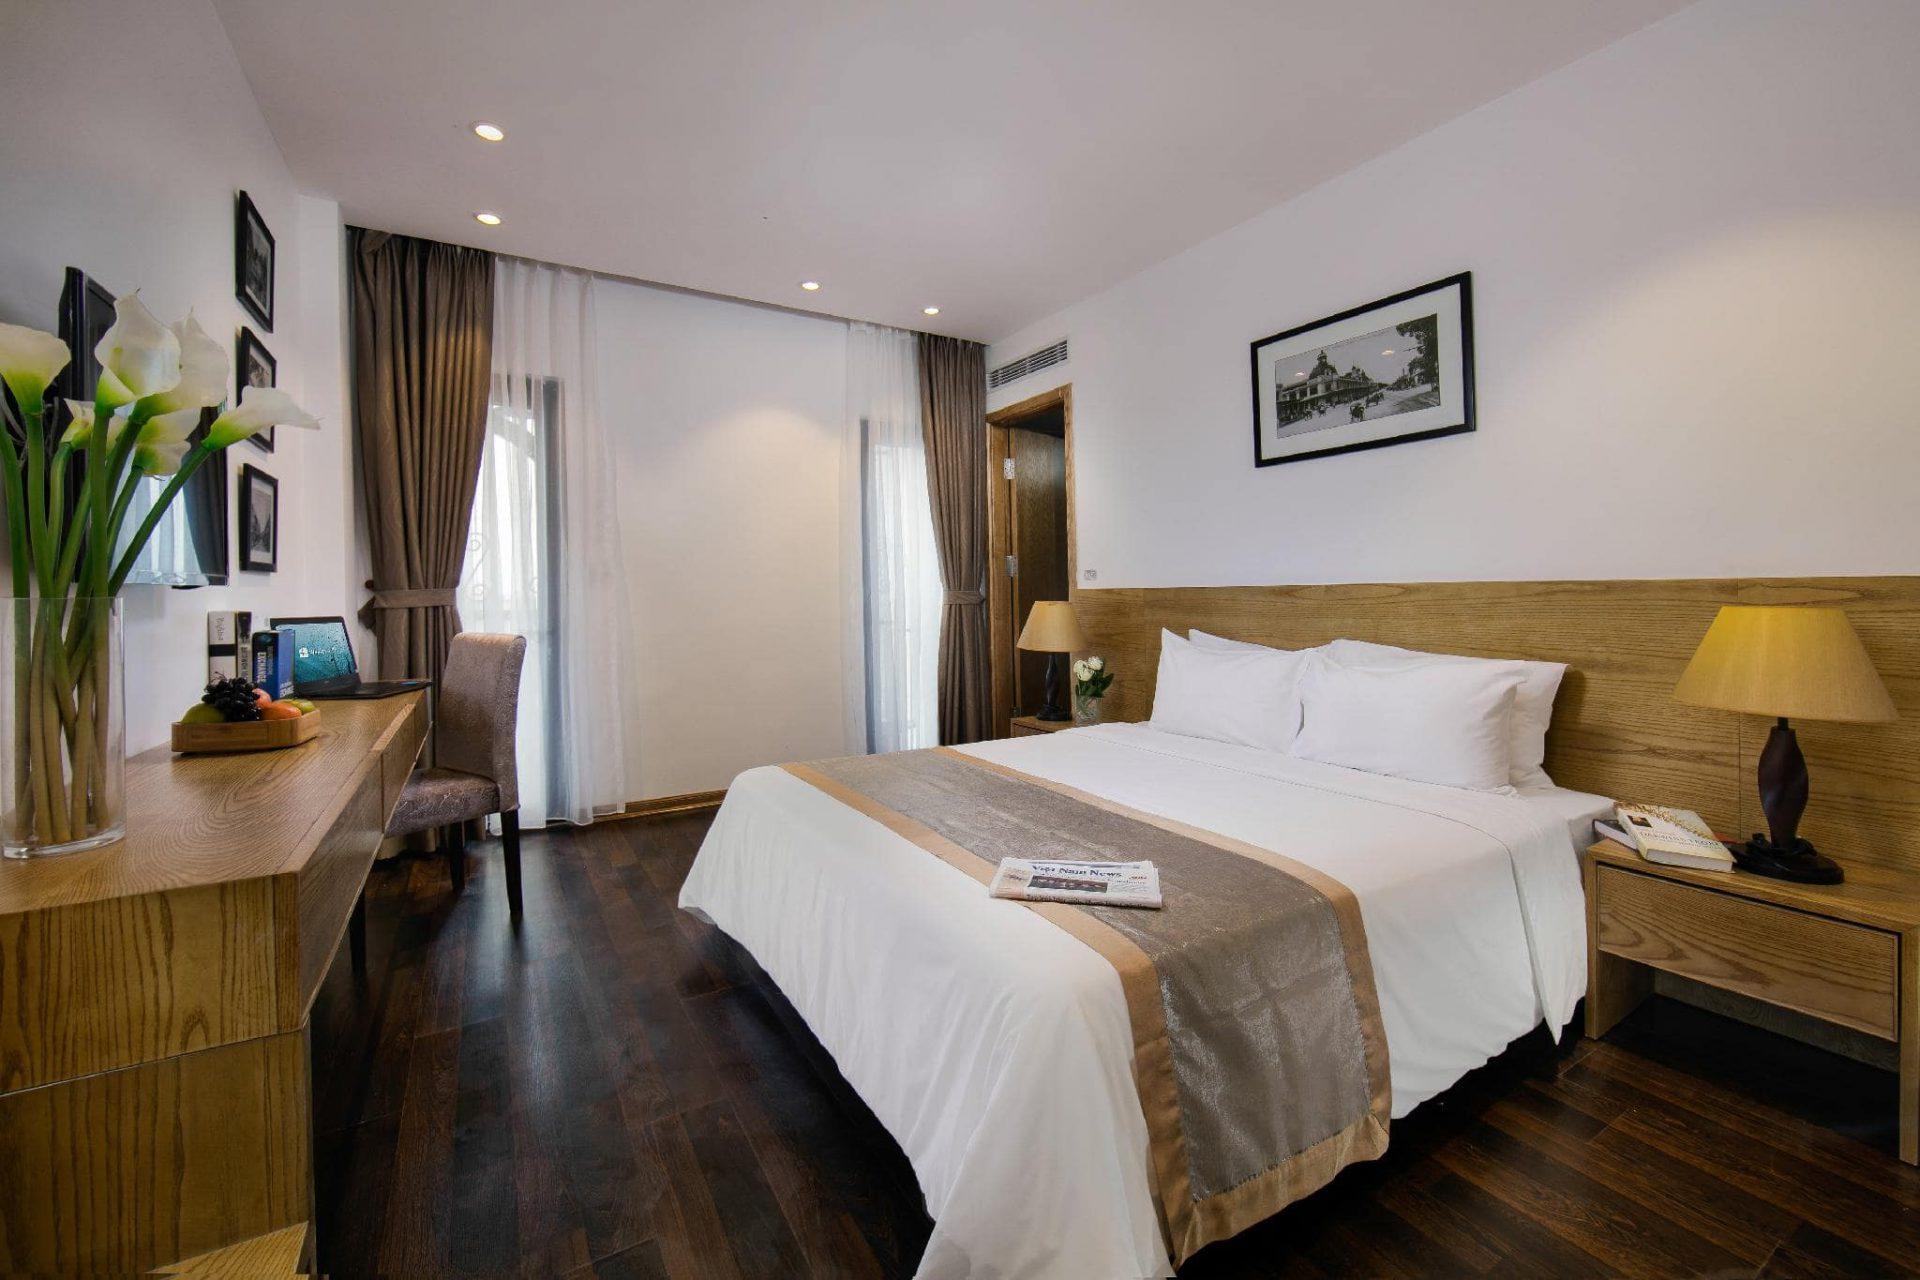 Khách sạn Hà Nội Hoàn Kiếm